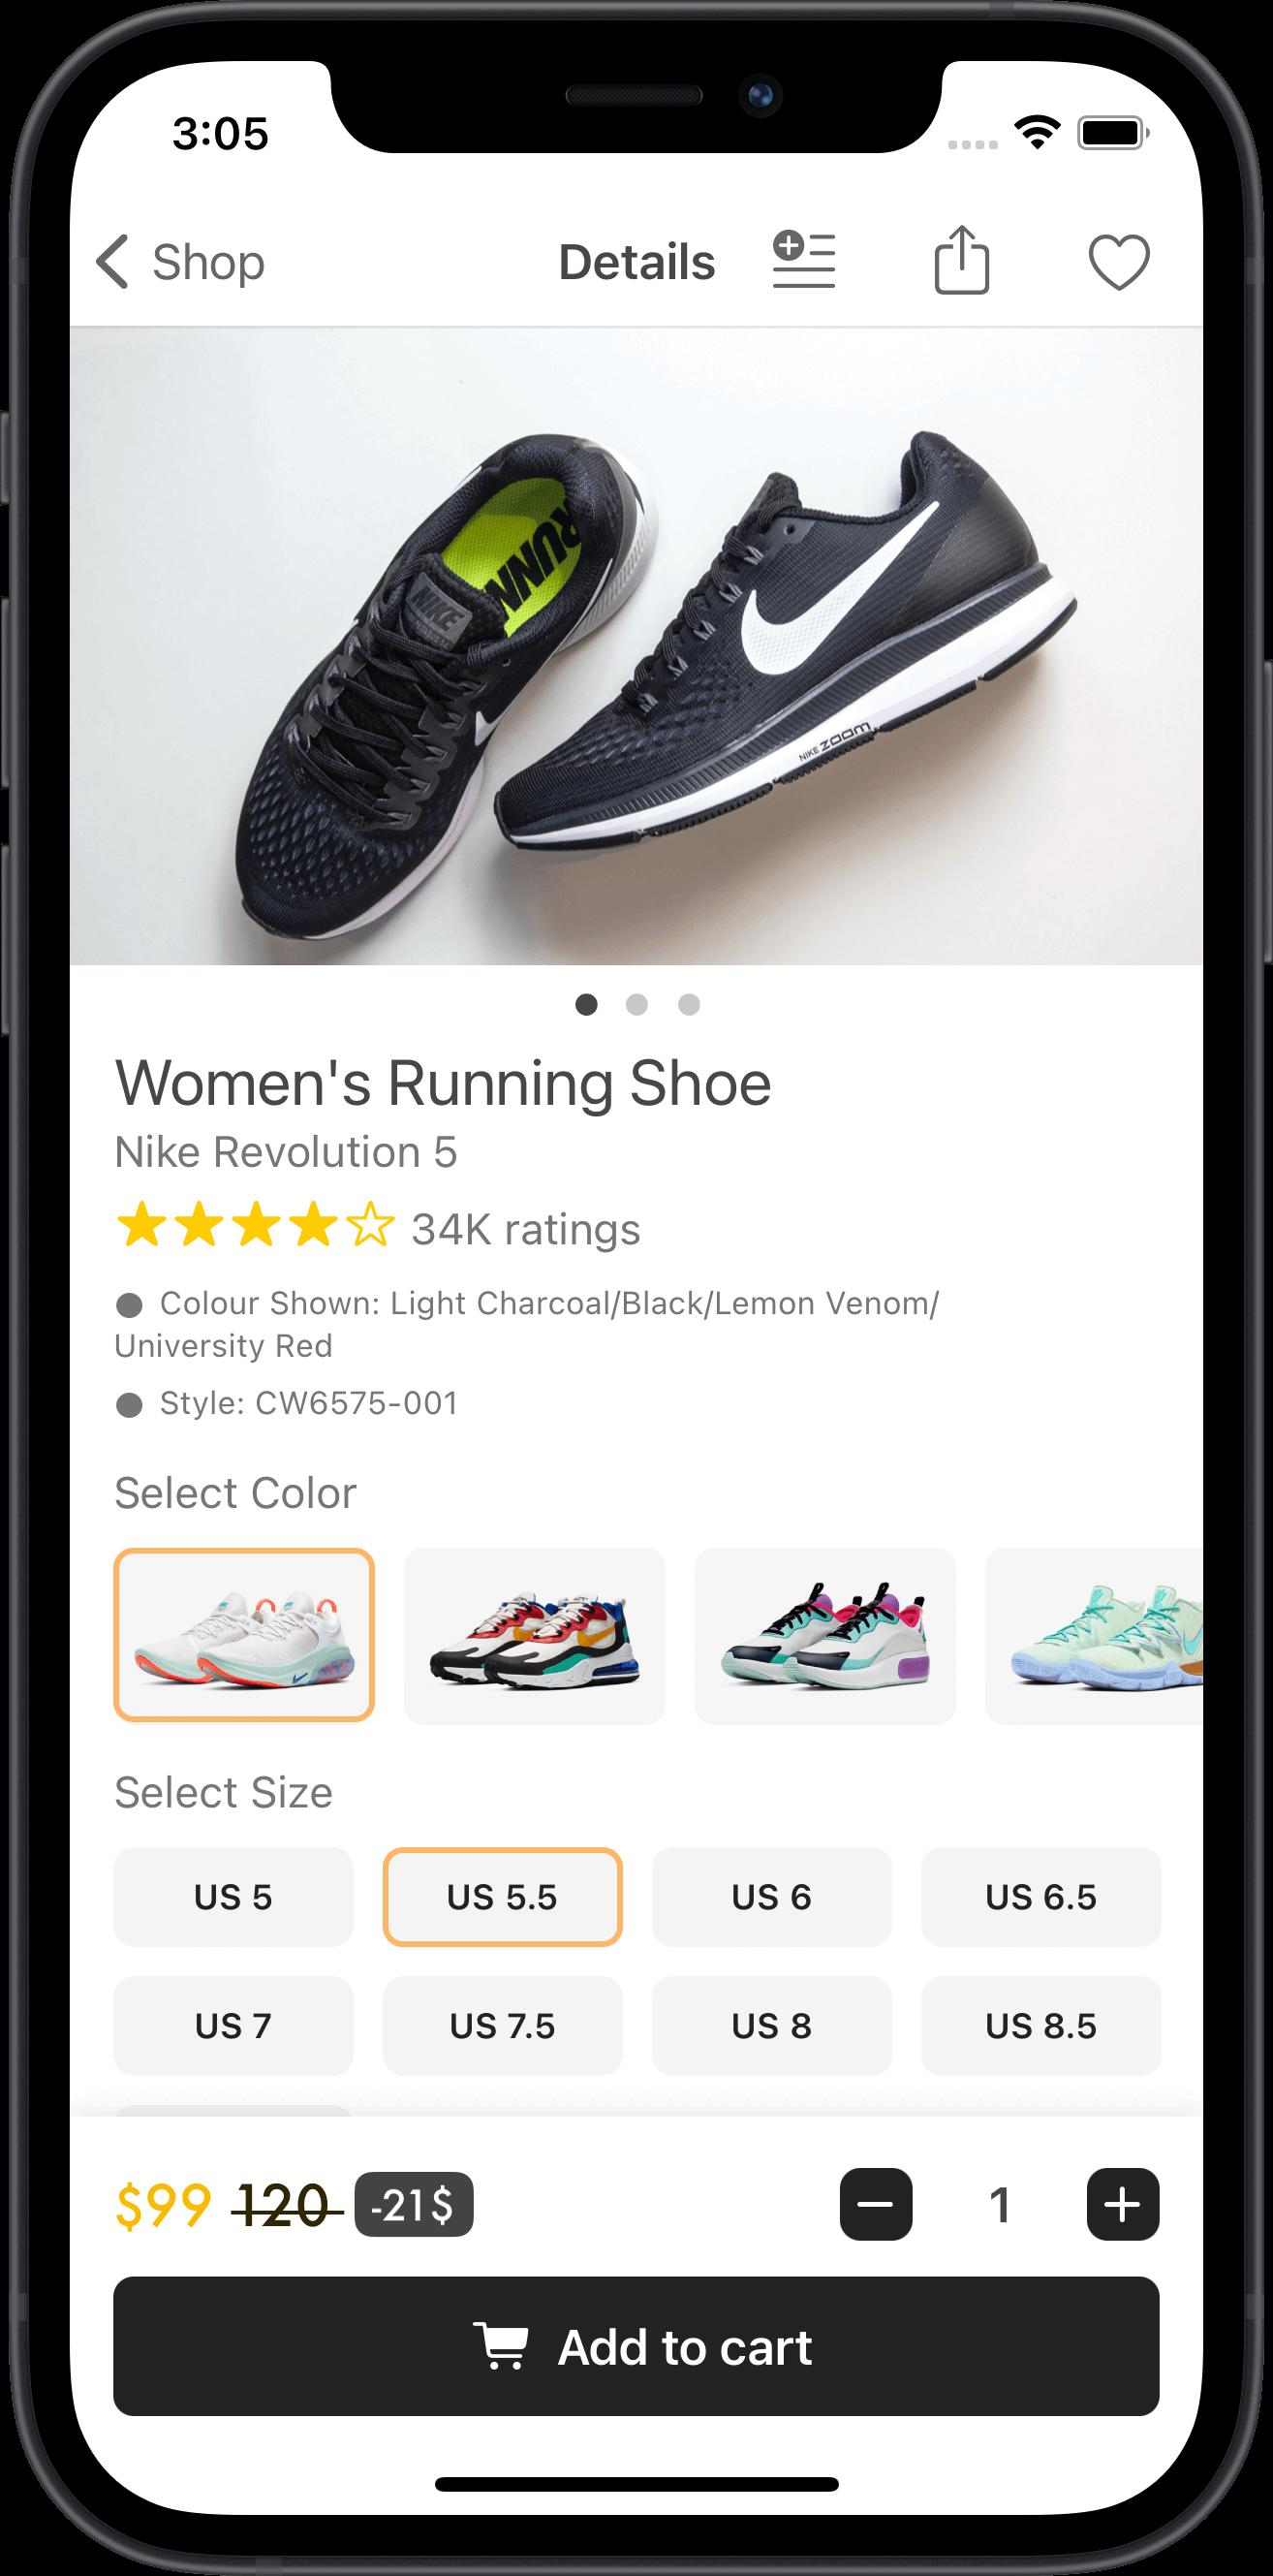 e-commerce, men, sneakers, apple